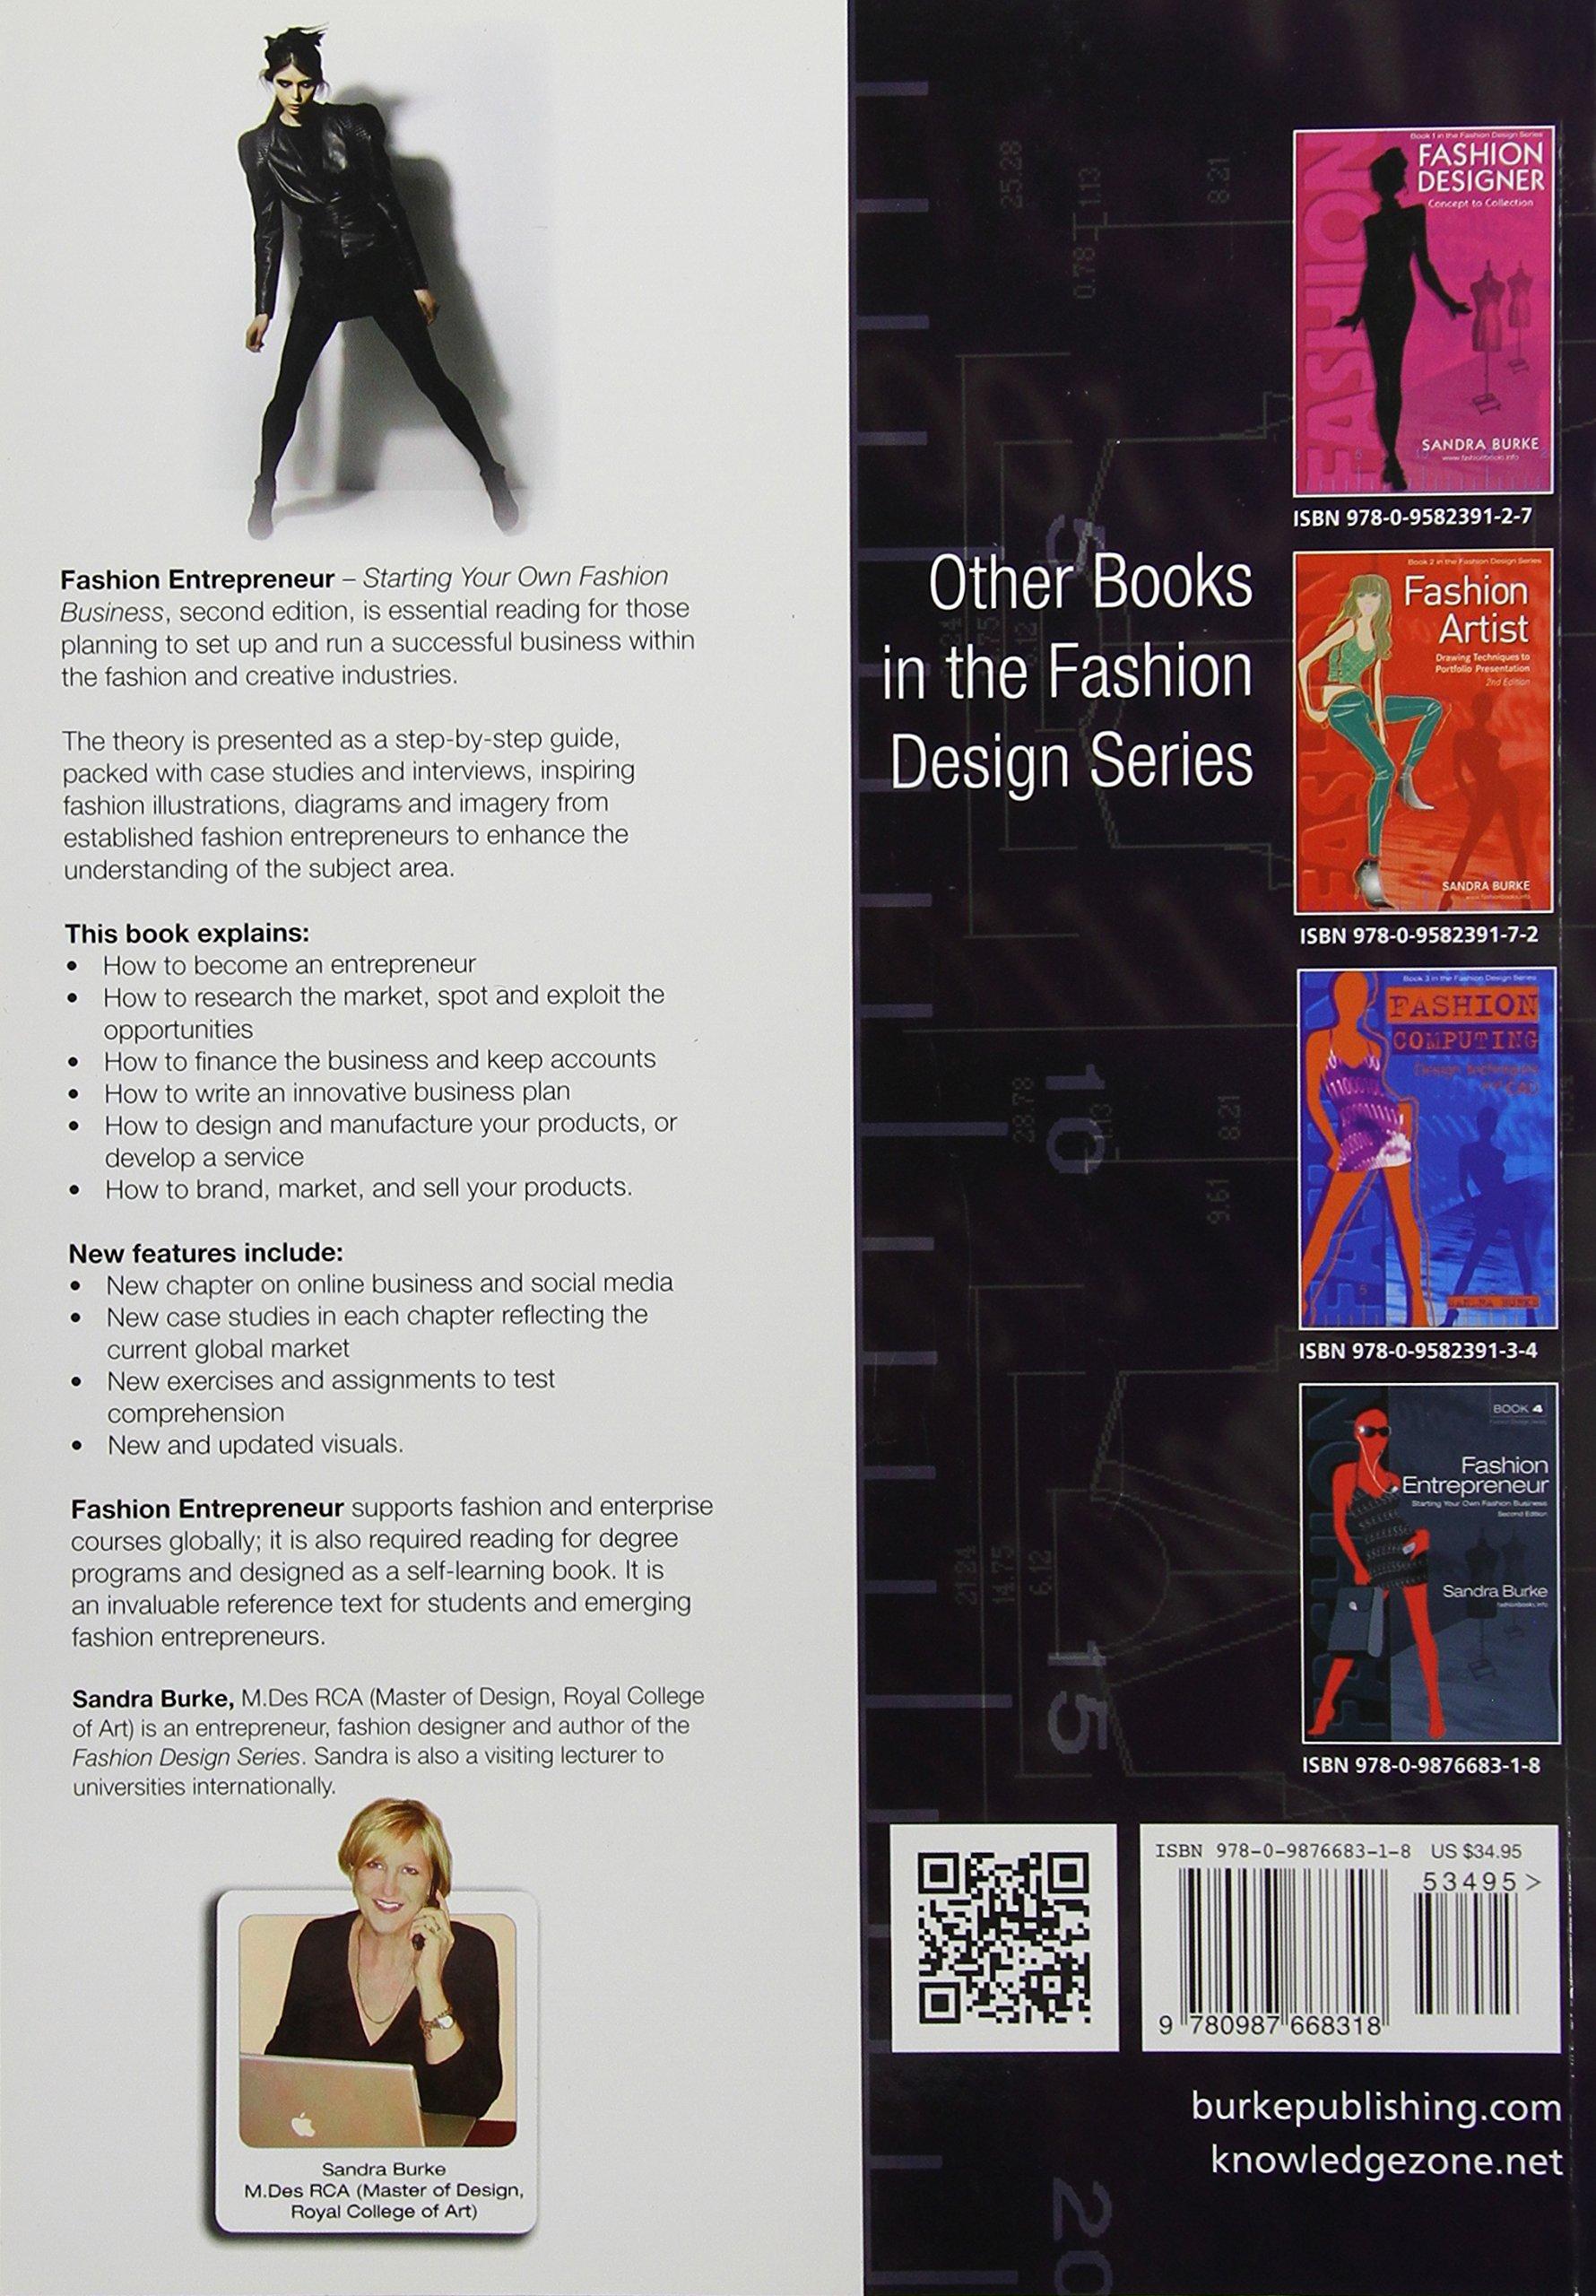 Fashion Entrepreneur: Starting Your Own Fashion Business (FASHION DESIGN SERIES)